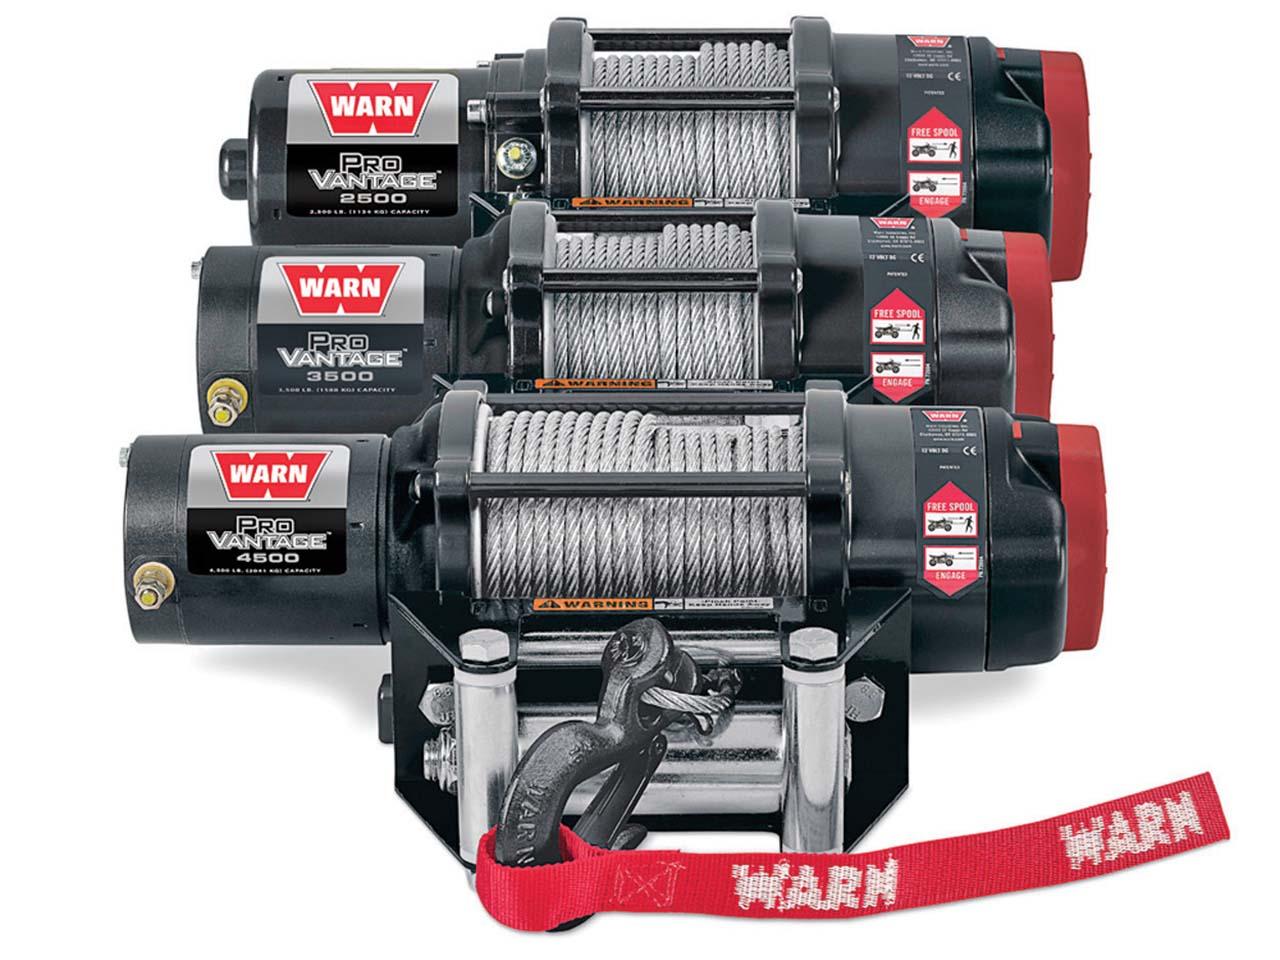 Warn Provantage 4500 Winch T Wiring Diagram Vendor2012warnpro Vantage Winchstudio